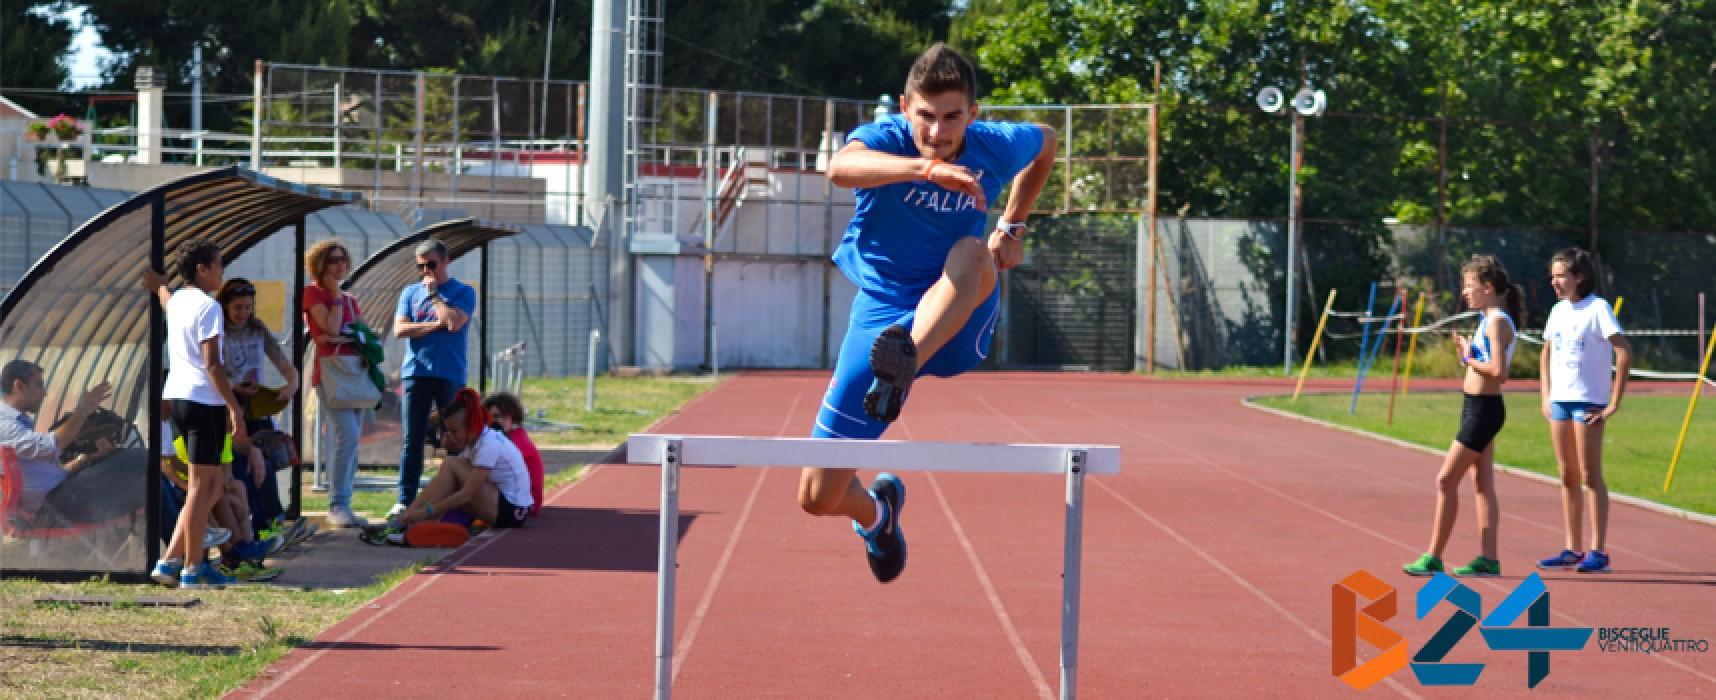 Campionati Italiani: Haliti, infortunato, fuori dalla finale dei 400 metri ostacoli